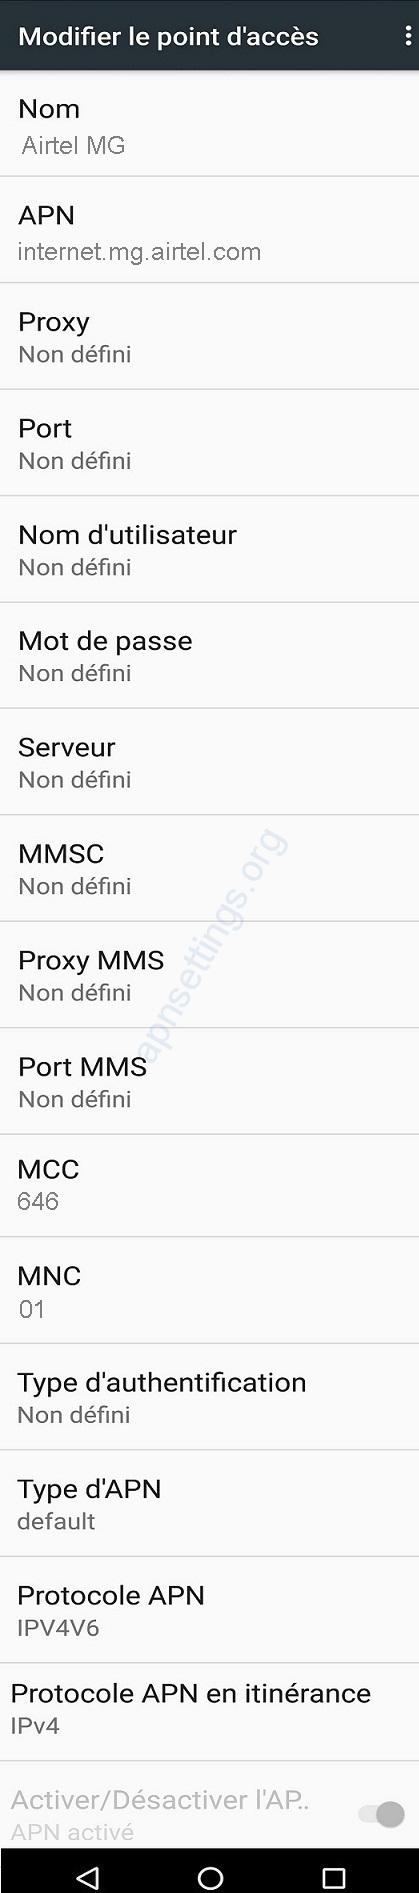 Configuration internet 4G de Airtel Madagascar